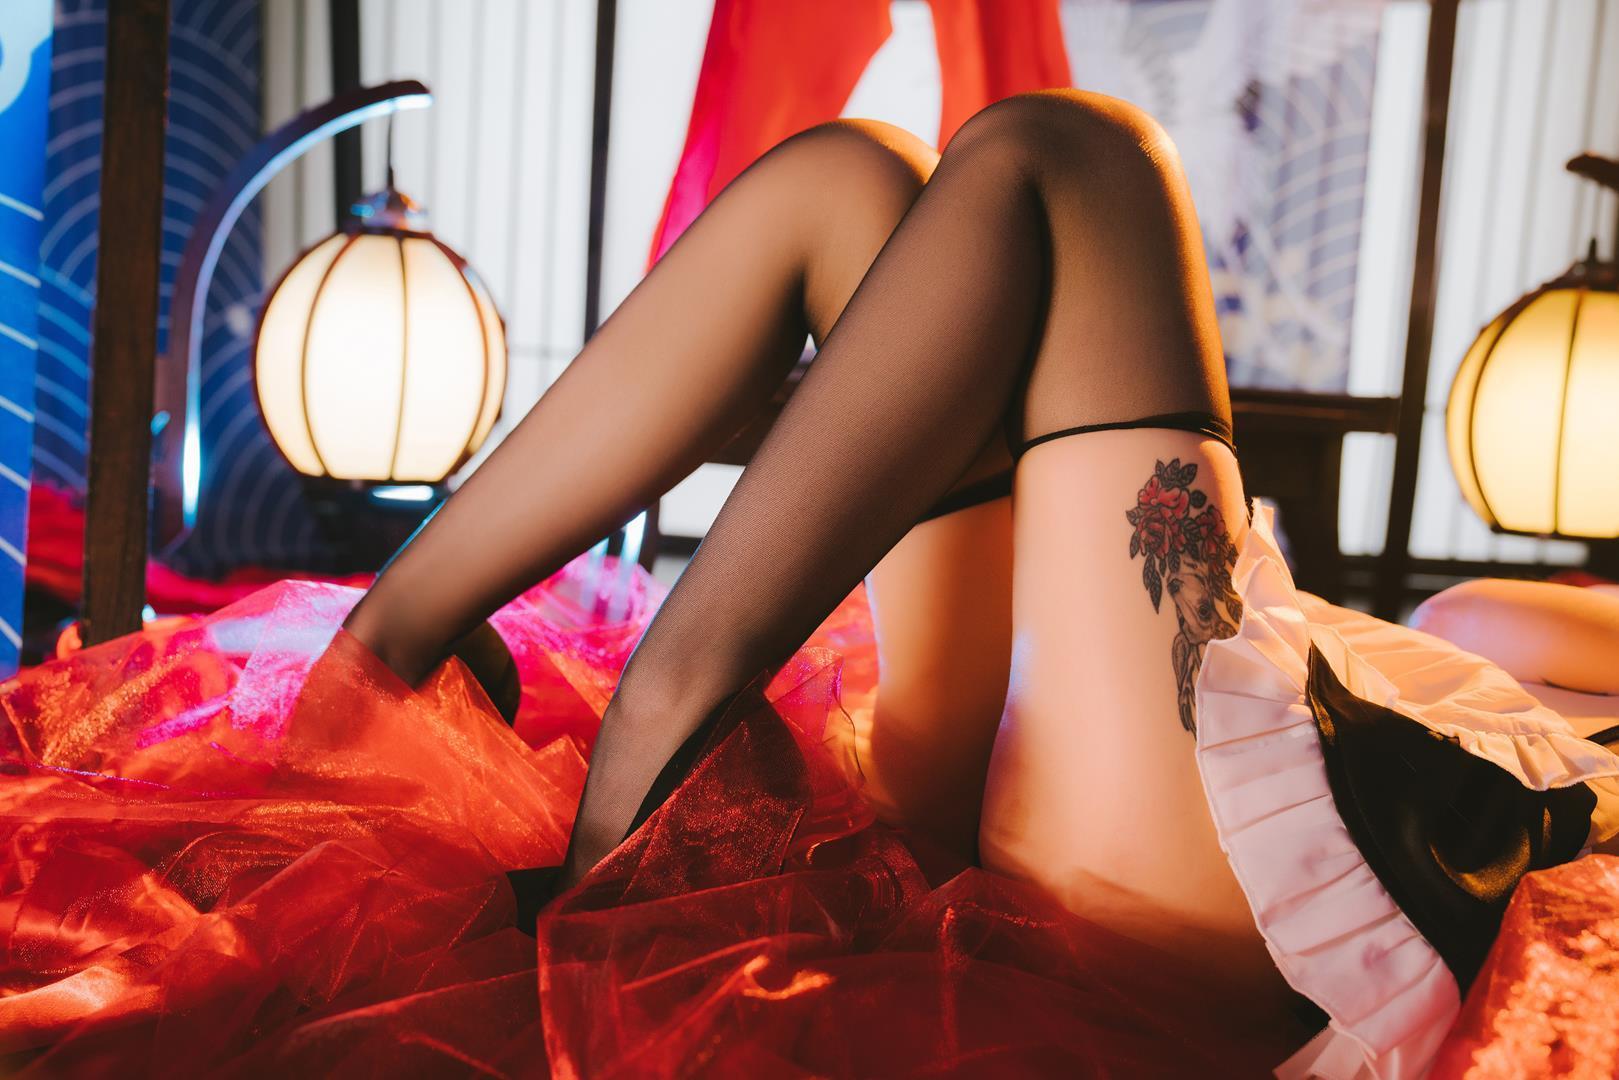 酒吞童子 女仆装 黑丝 长腿 美腿